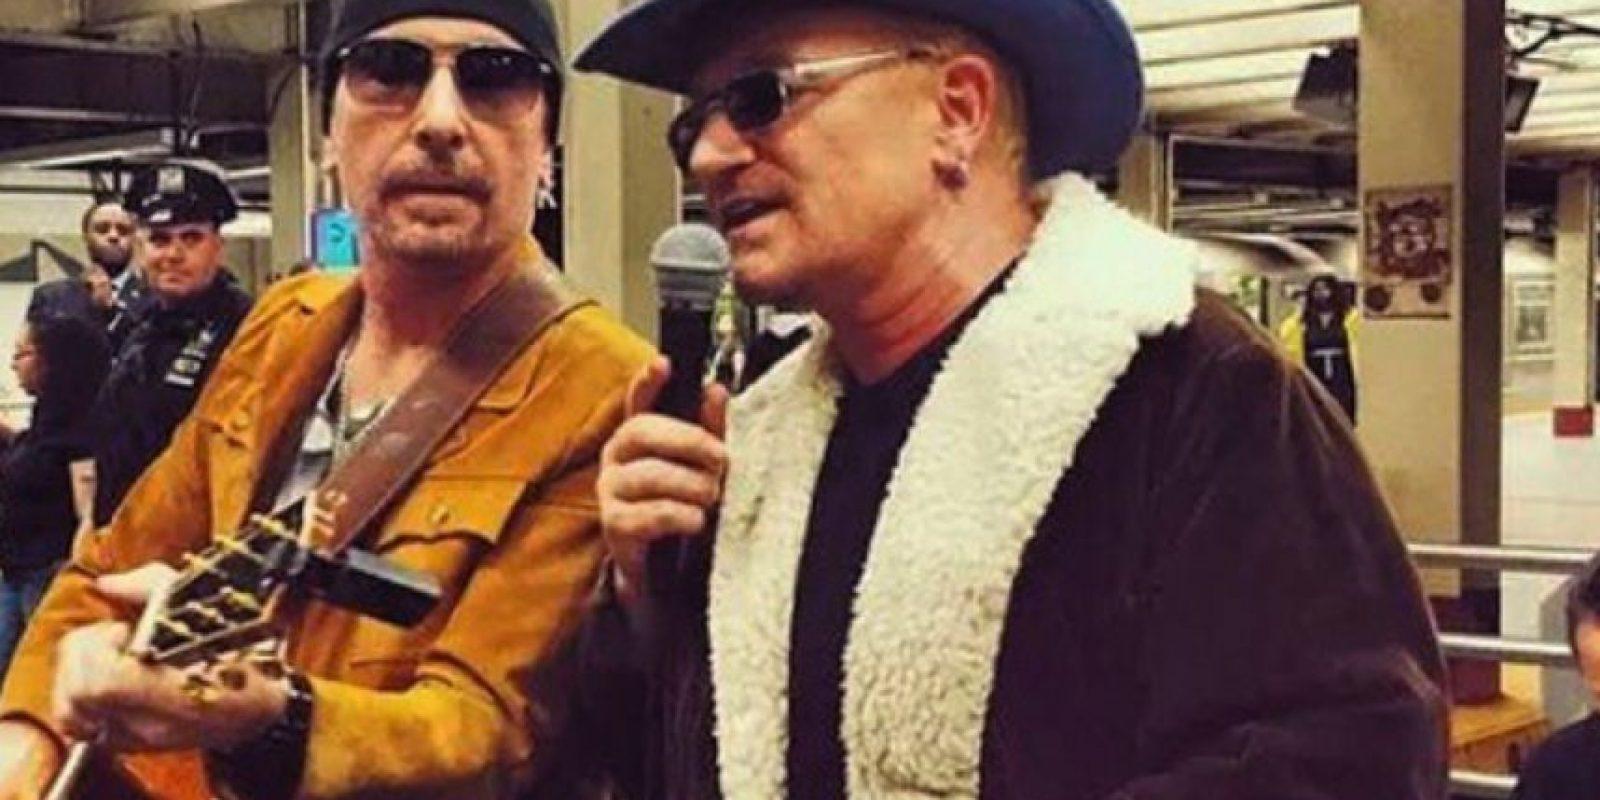 Bono tuvo un accidente que no lo dejó ir al show de Jimmy Fallon. Foto:vía Instagram